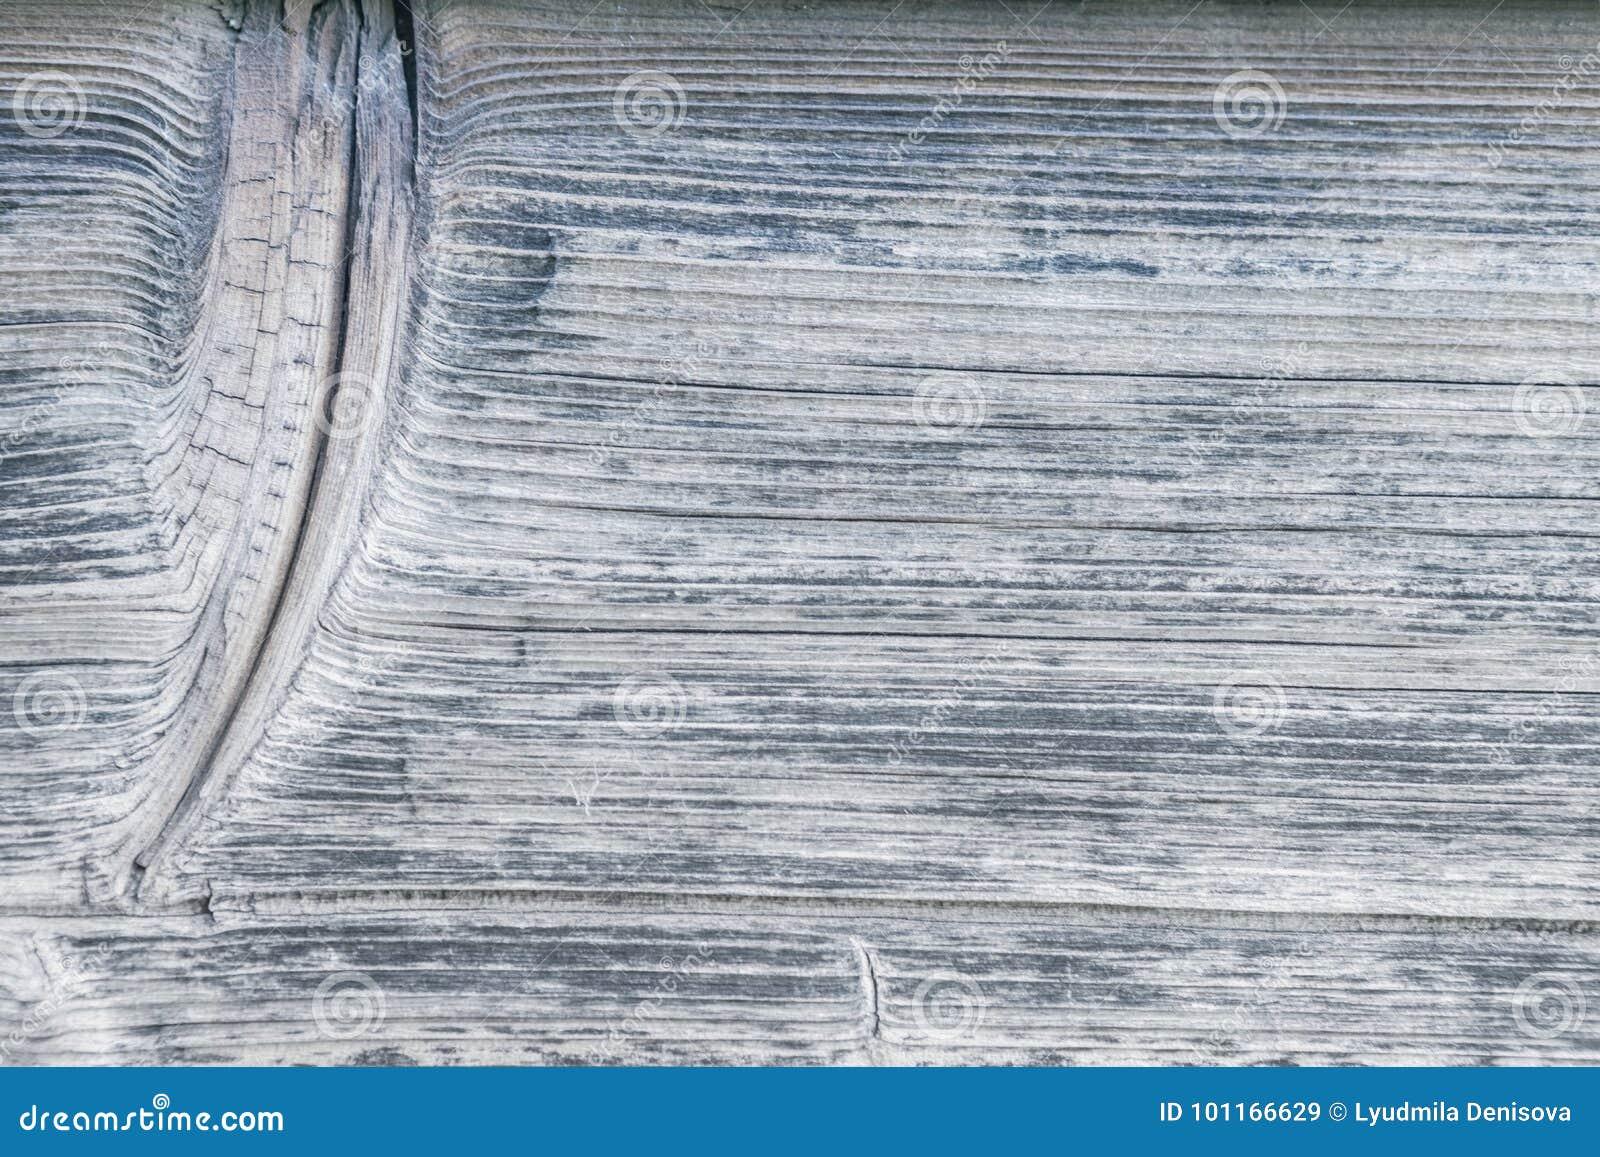 Ξύλινο σχέδιο υποβάθρου τοίχων ξεπερασμένο τρύγος ξύλο αγροτικό Ύφος σχεδίου ξυλείας Οι ξύλινες σανίδες, πίνακες είναι παλαιές με